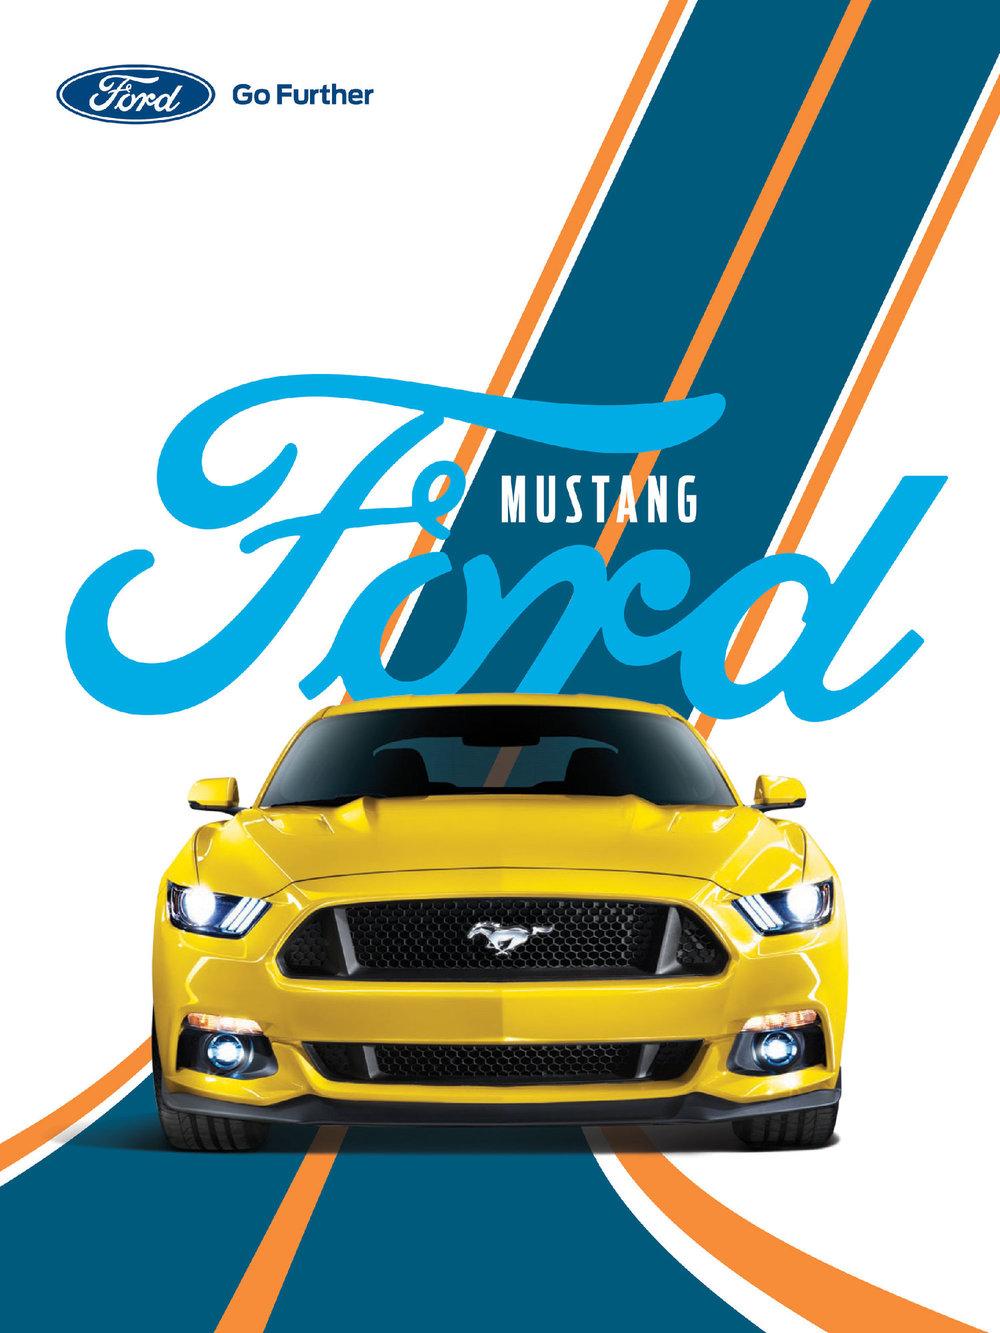 FCAR08605_FMFL2180000_Mustang_CPg_R02.jpg